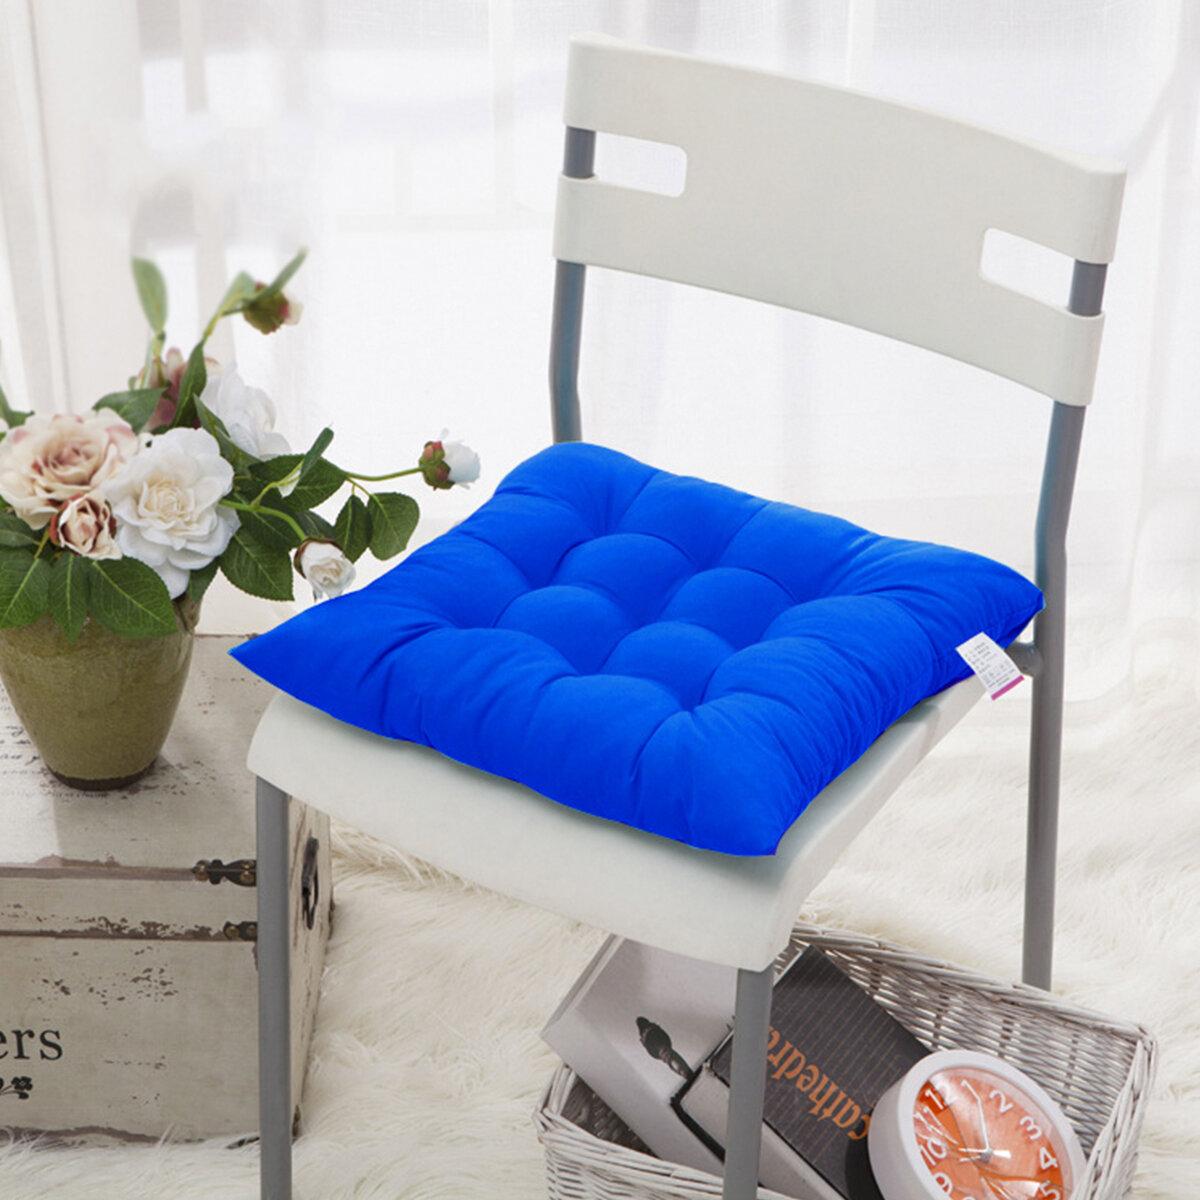 <US Instock>Cuscino per sedile in vimini da esterno tropicale antiscivolo multicolore da 15,7 * 15,7 pollici